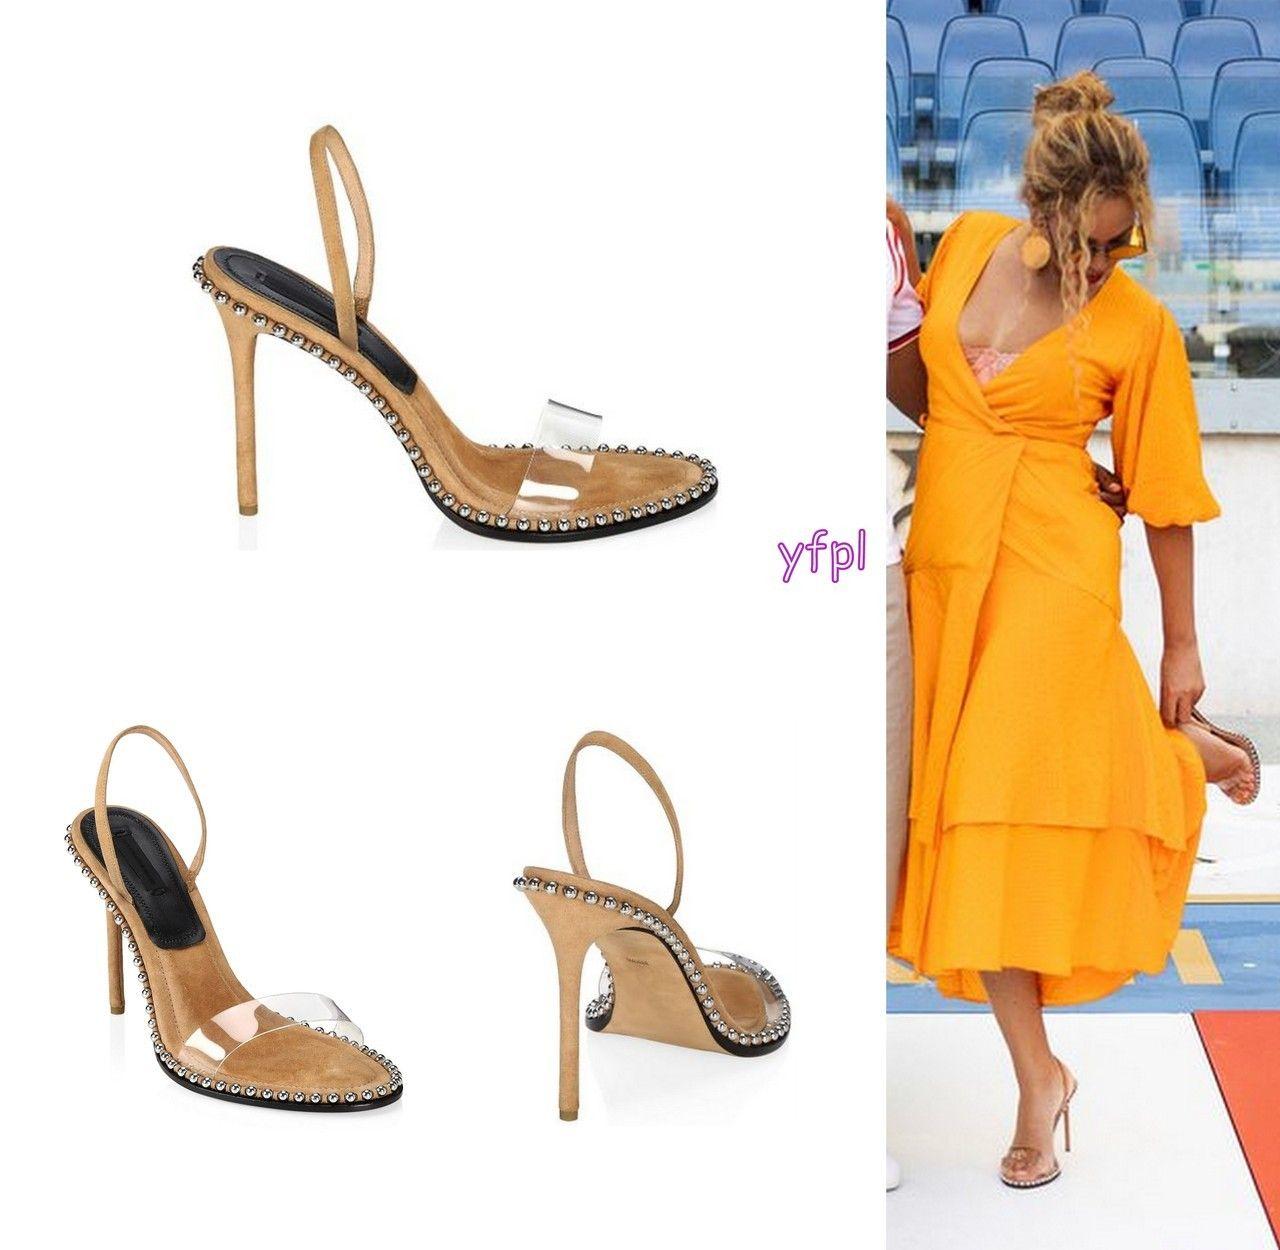 Beyoncé wearing ALEXANDER WANG Nova Studded Stiletto Sandals